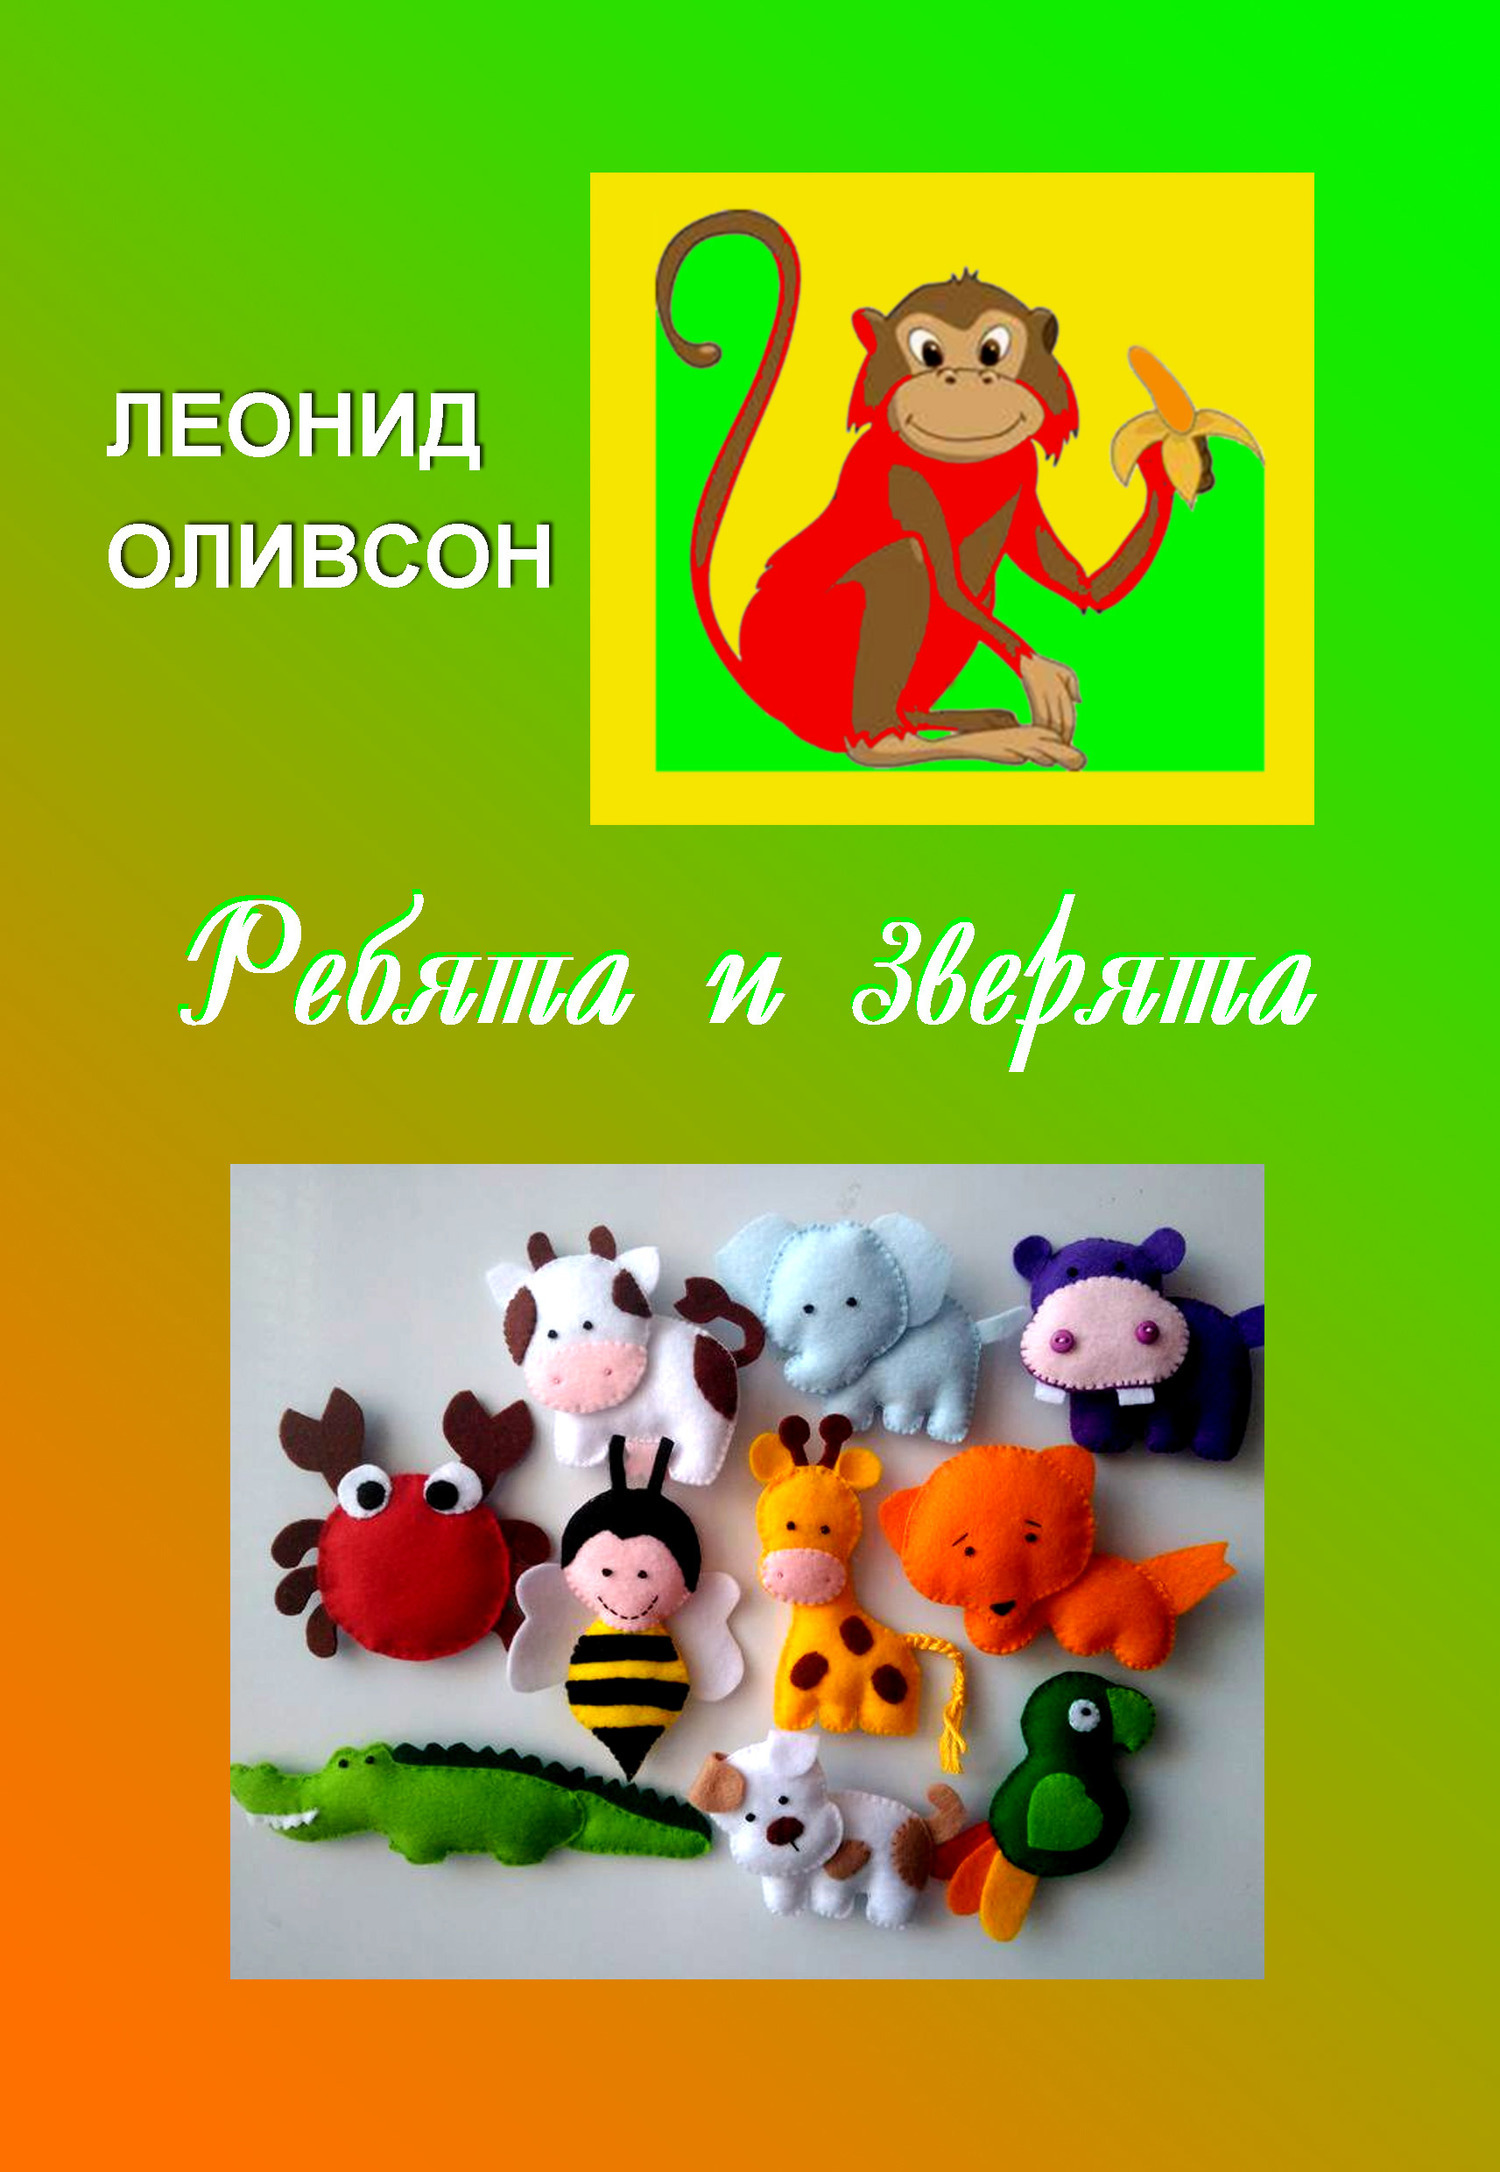 Леонид Оливсон - Ребята и зверята. Стихи для детей и о детях